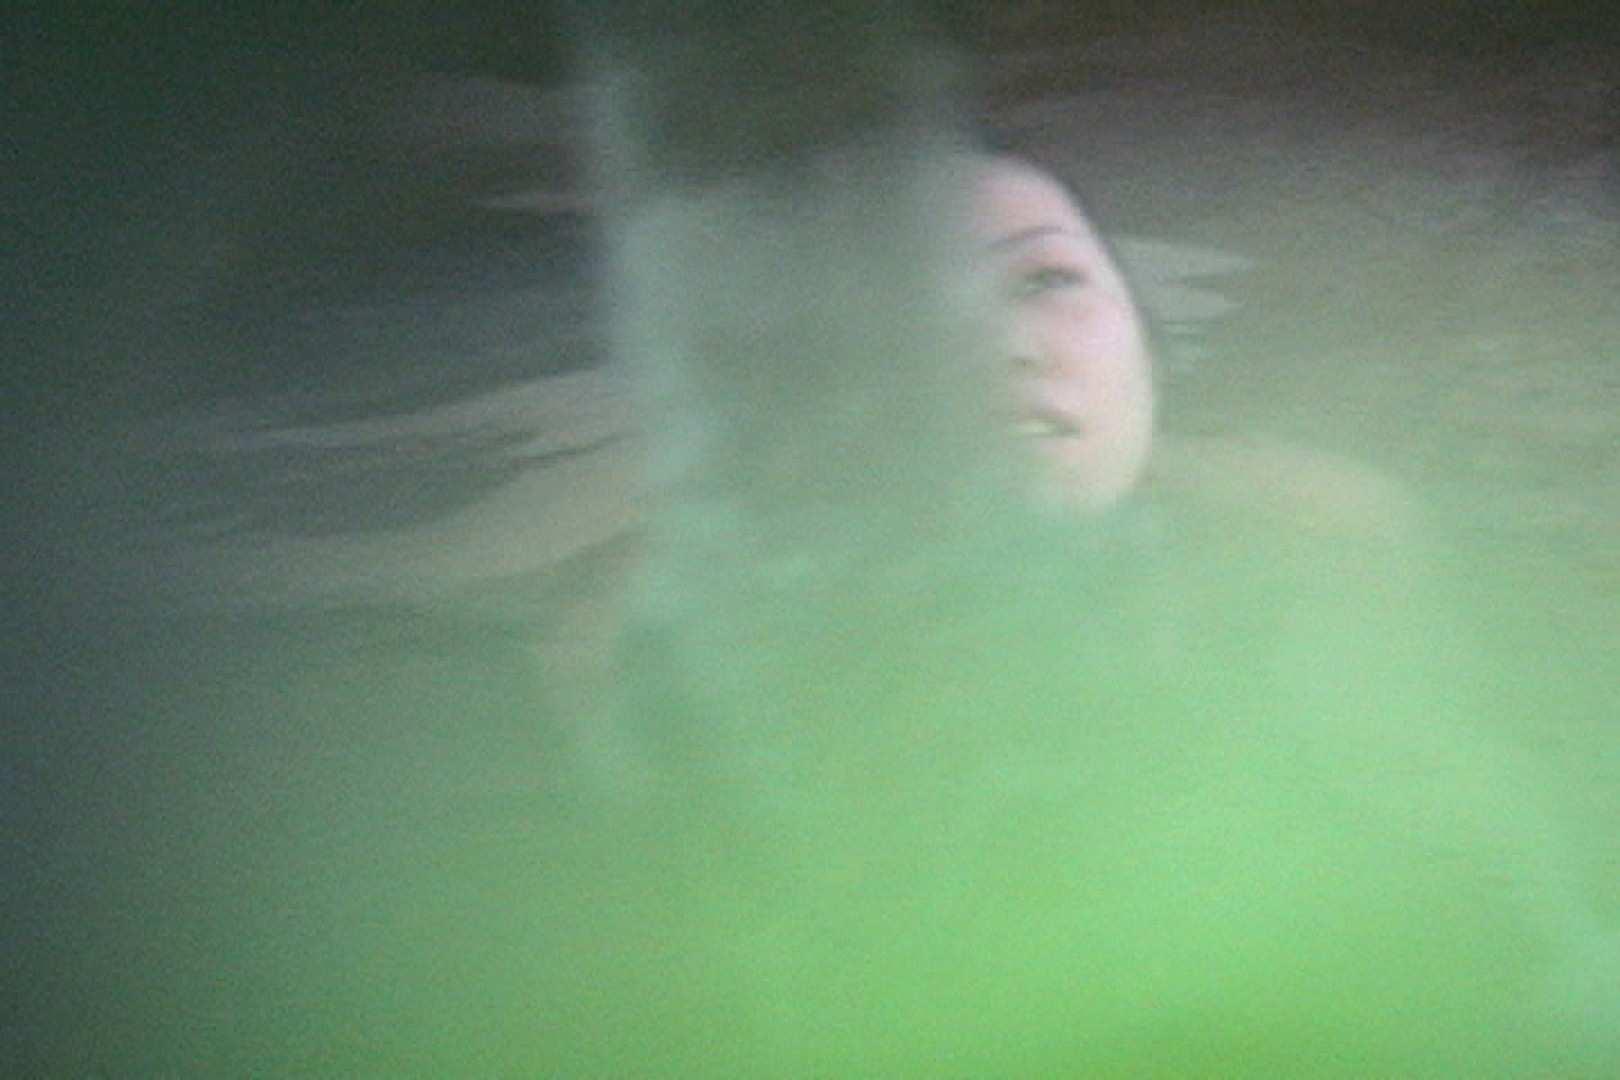 Aquaな露天風呂Vol.453 盗撮シリーズ  82PIX 82